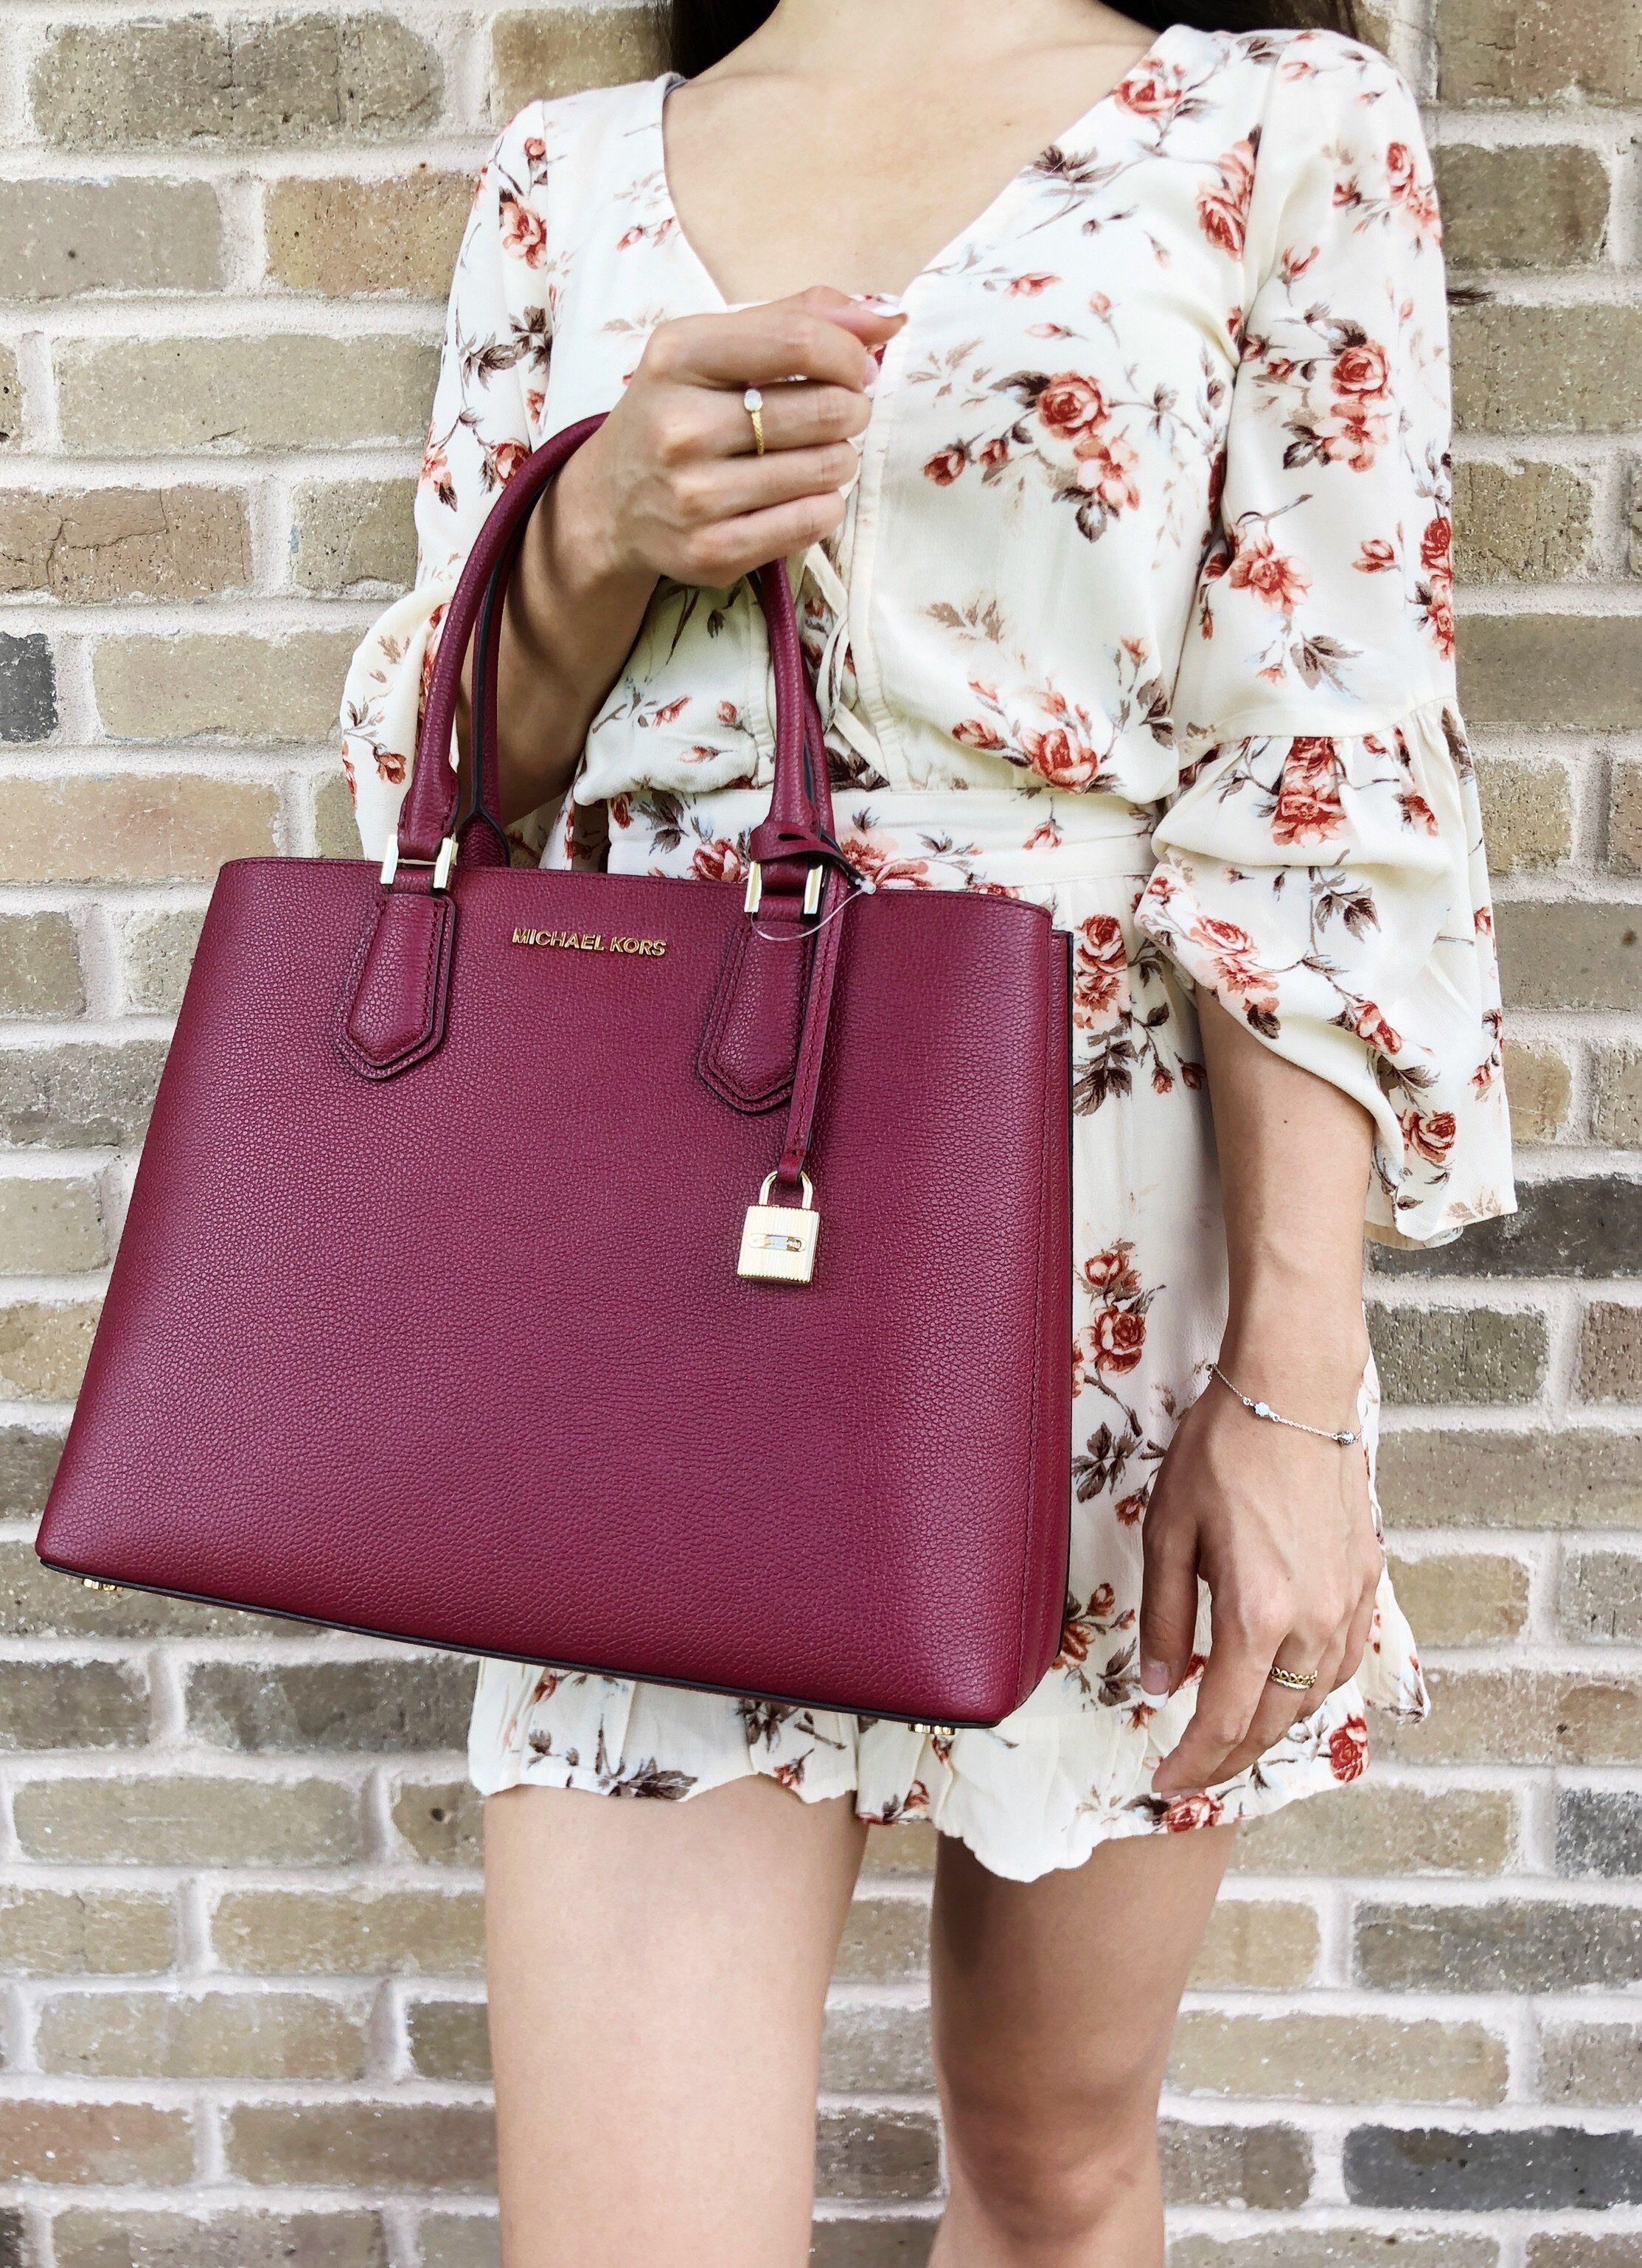 d97ba428fd79 Michael Kors Adele Mercer Large Satchel Mulberry #Handbags #MK #MichaelKors